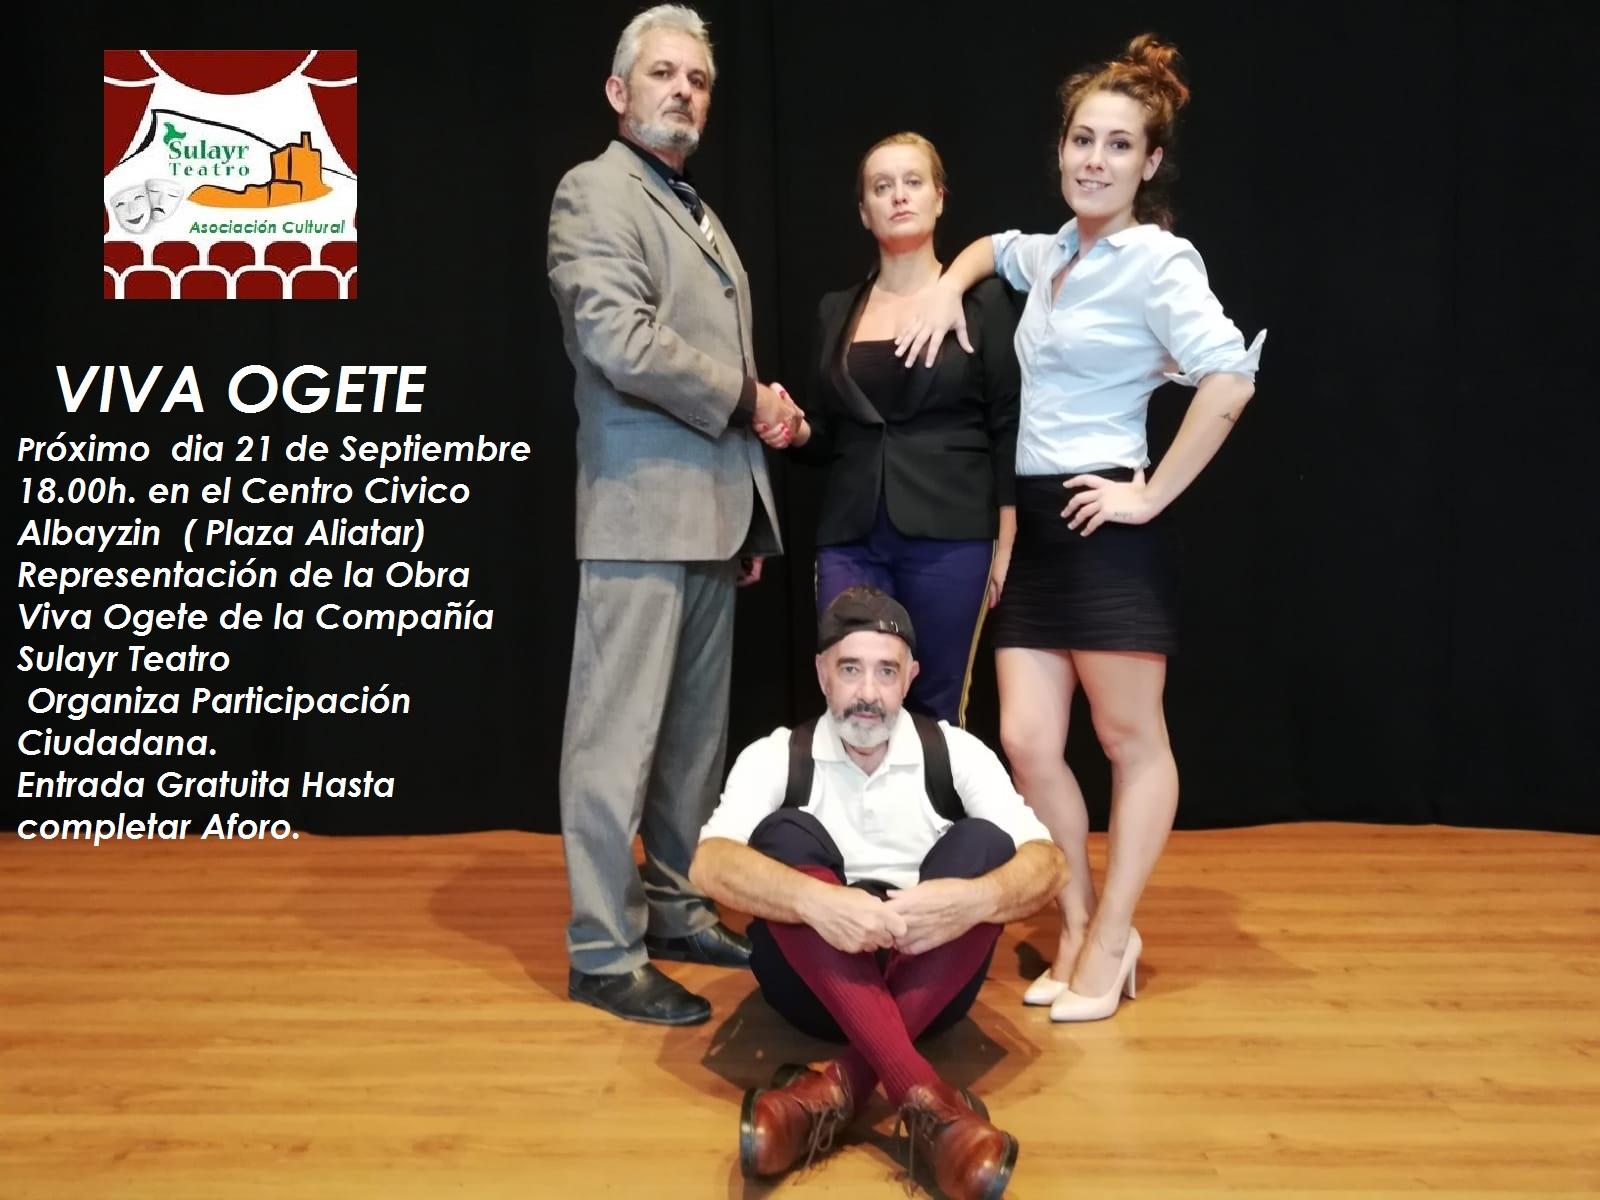 Sulayr Teatro estrena su última producción, Viva Ogete